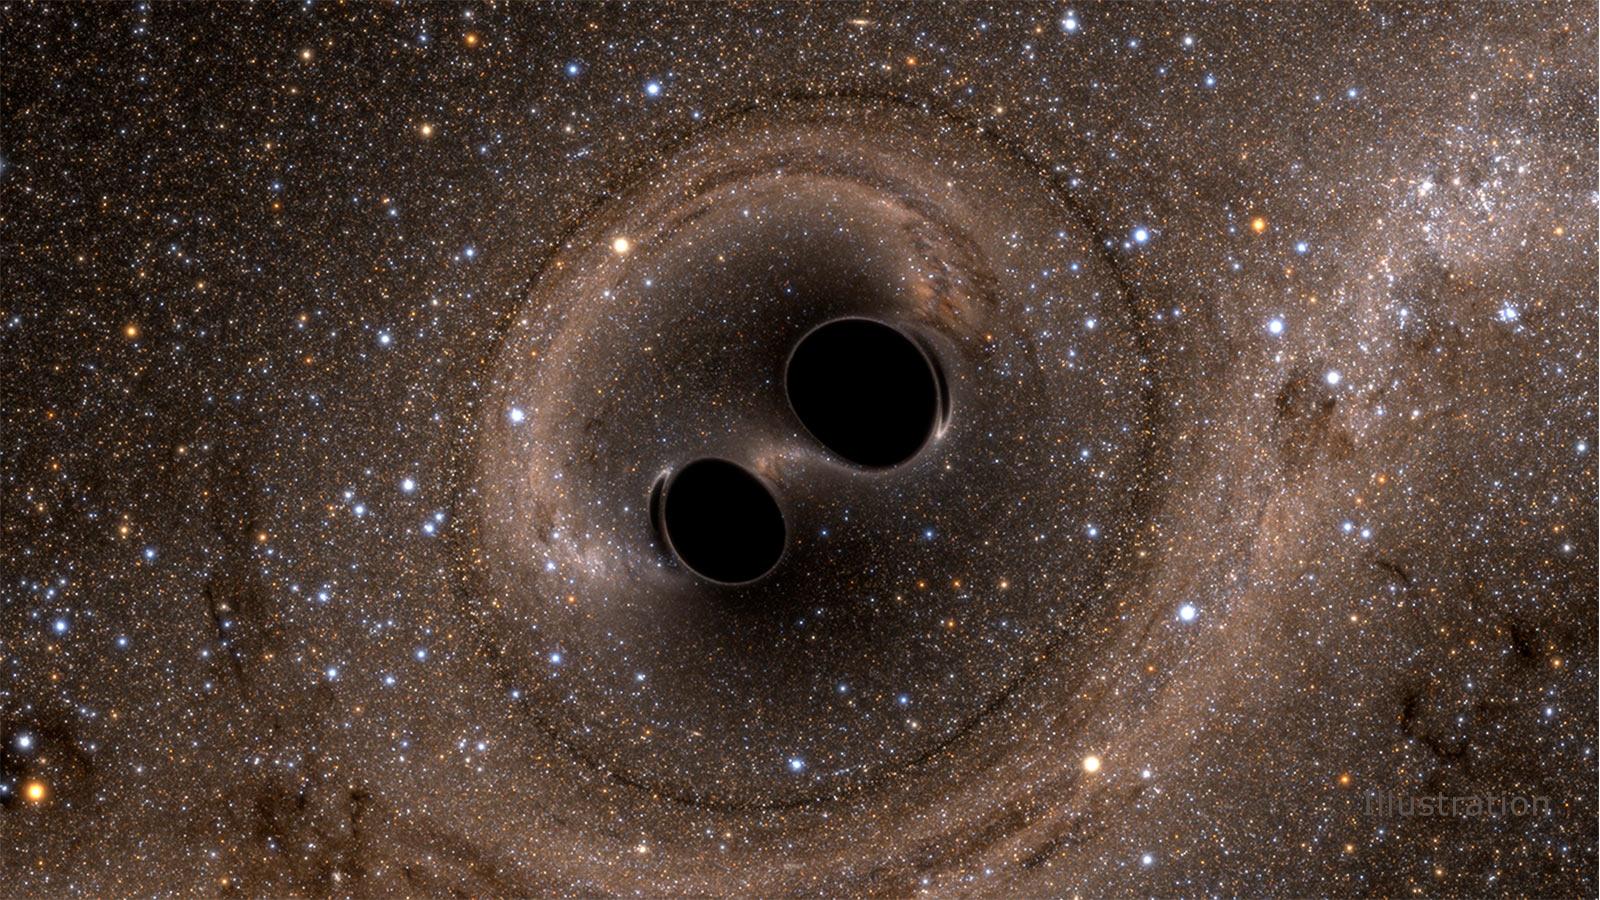 این تصویر کامپیوتری برخورد دو سیاهچاله را نشان میدهد که موجب ایجاد امواج گرانشی میشود.